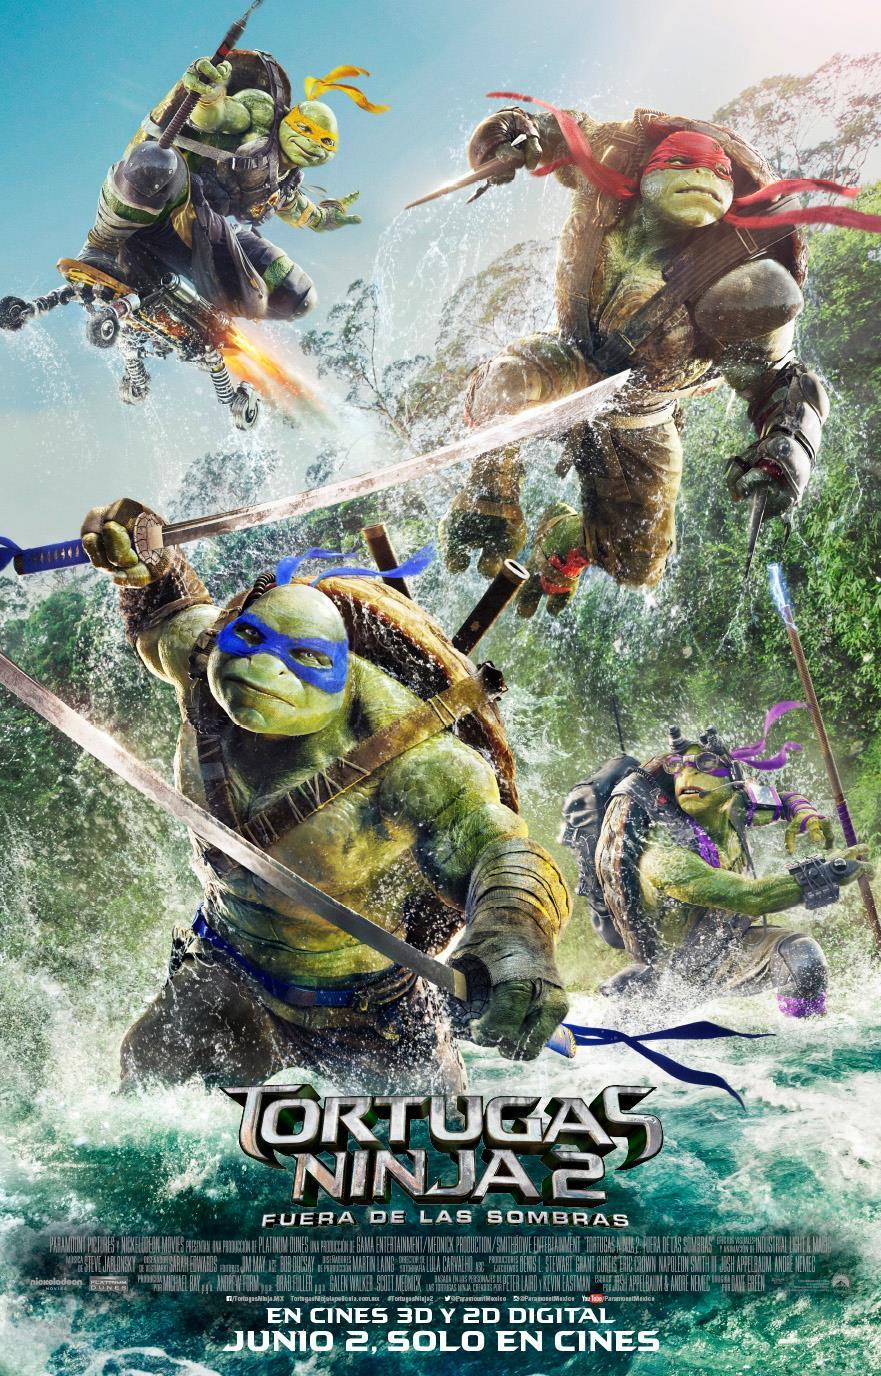 Descargar Tortugas Ninja 2: Fuera de las sombras Latino por MEGA.